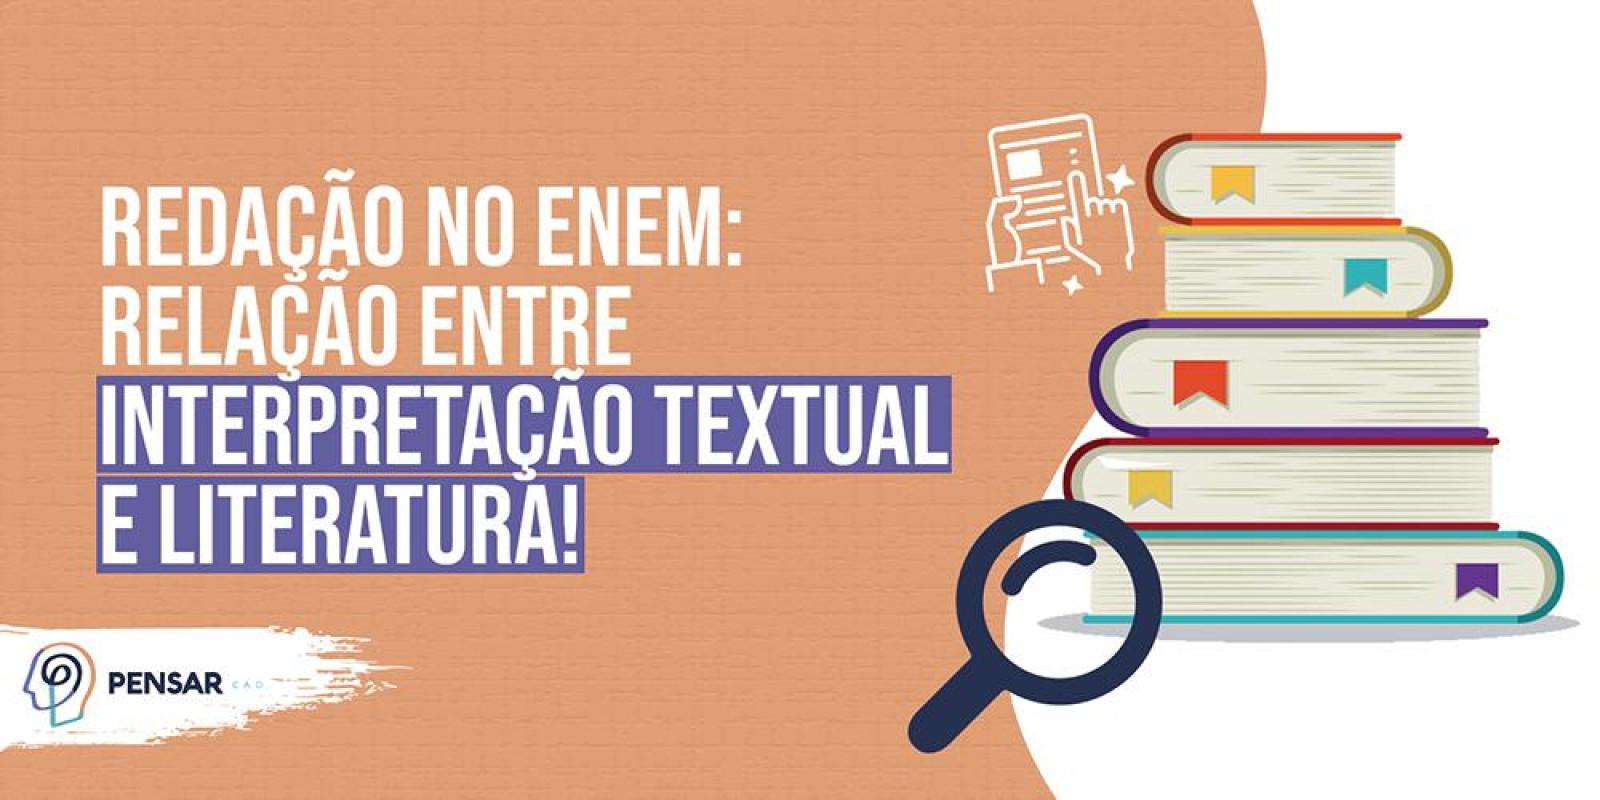 Redação no ENEM: relação entre interpretação textual e literatura!